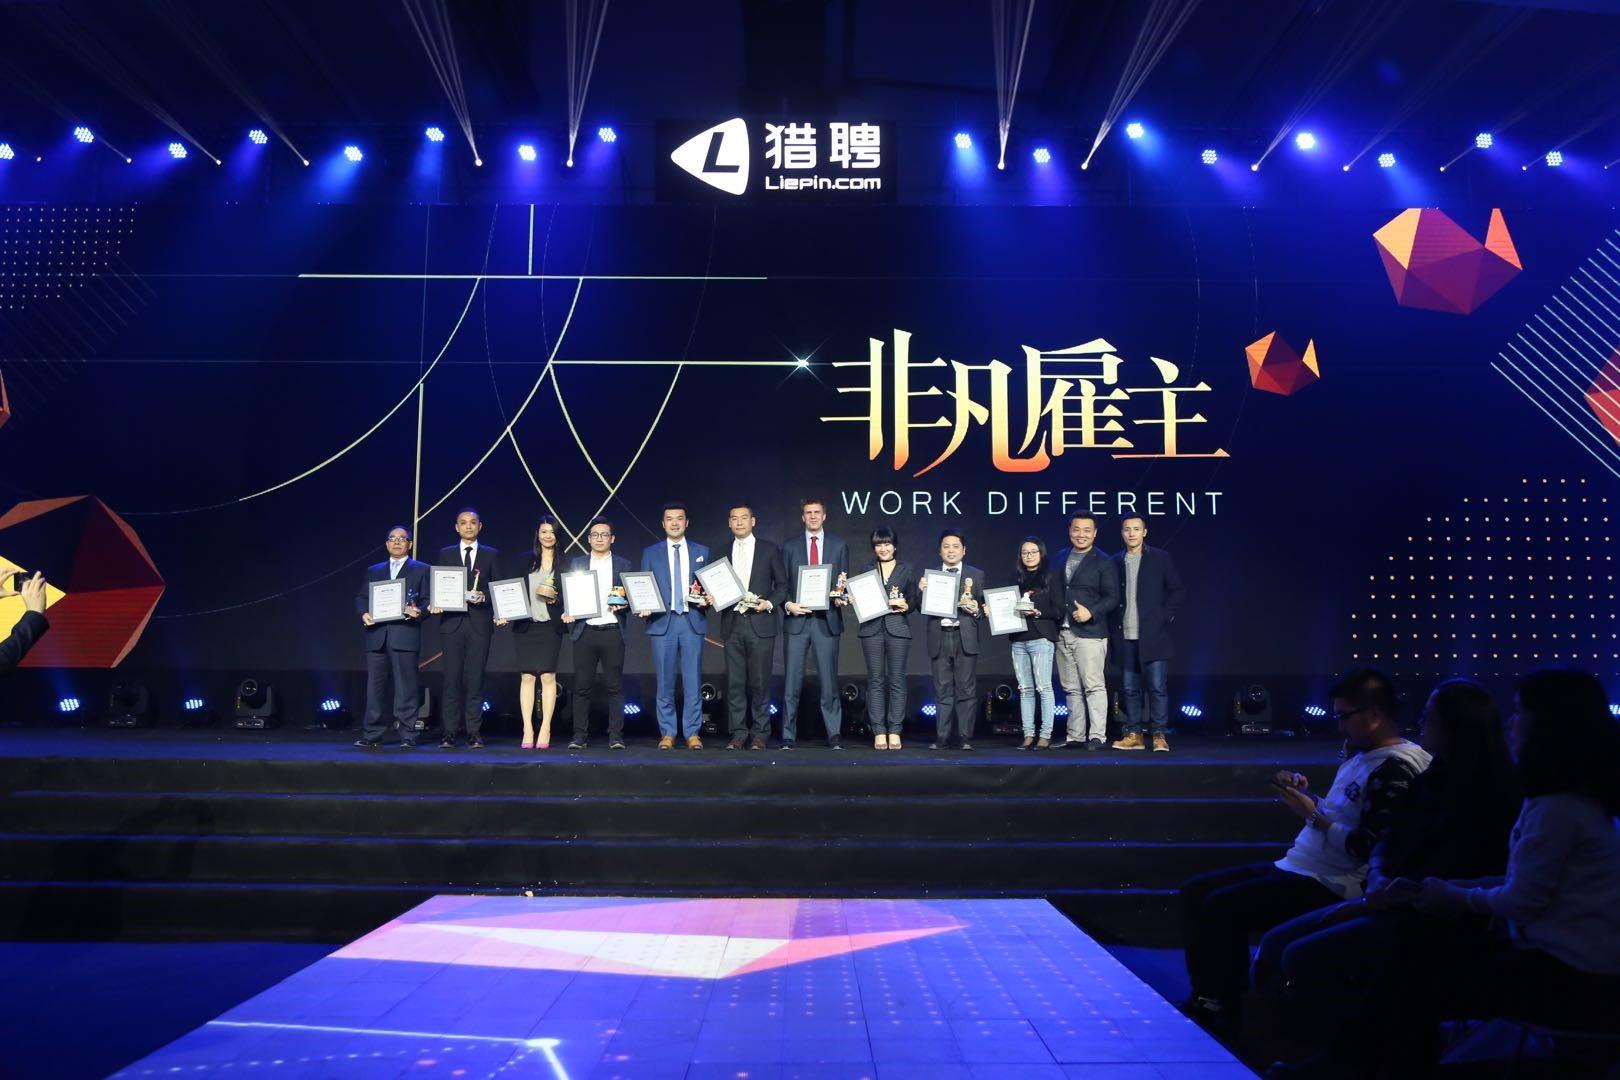 添才翰格猎头集团荣获全国非凡hunter大奖(附全国猎头公司排名)-焦点中国网